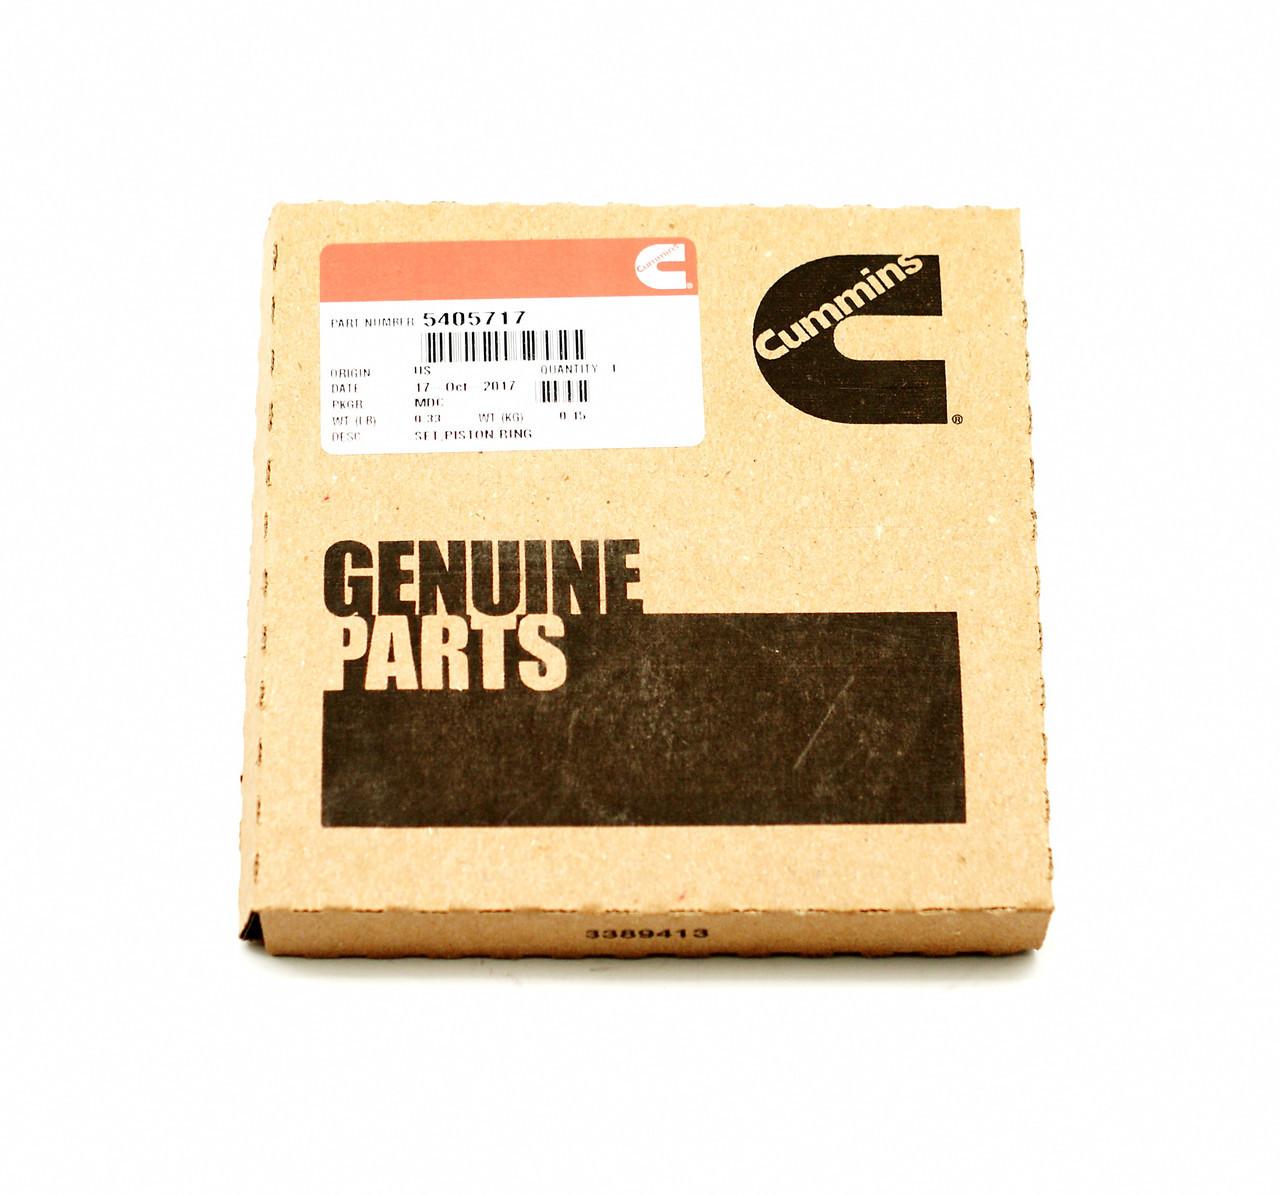 Кольца поршневые (комплект на поршень) Cummins X Series 54057174309441 4309441 2881682 4089406